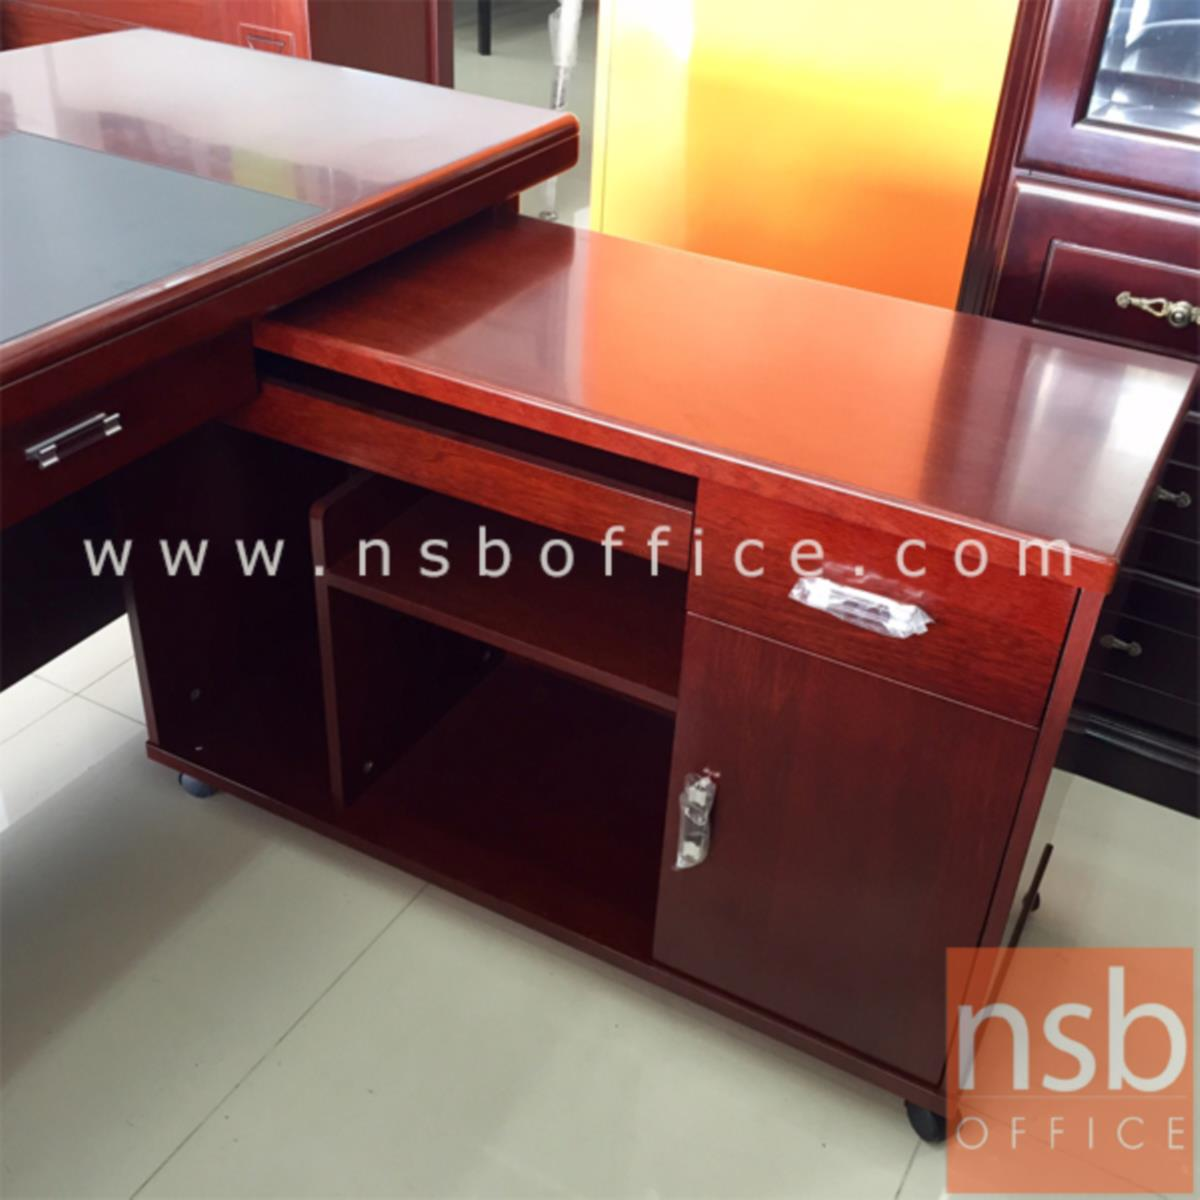 โต๊ะผู้บริหารตัวแอล 3 ลิ้นชัก รุ่น Rette (เรทท์) ขนาด 140W cm. พร้อมตู้ข้างล้อเลื่อน